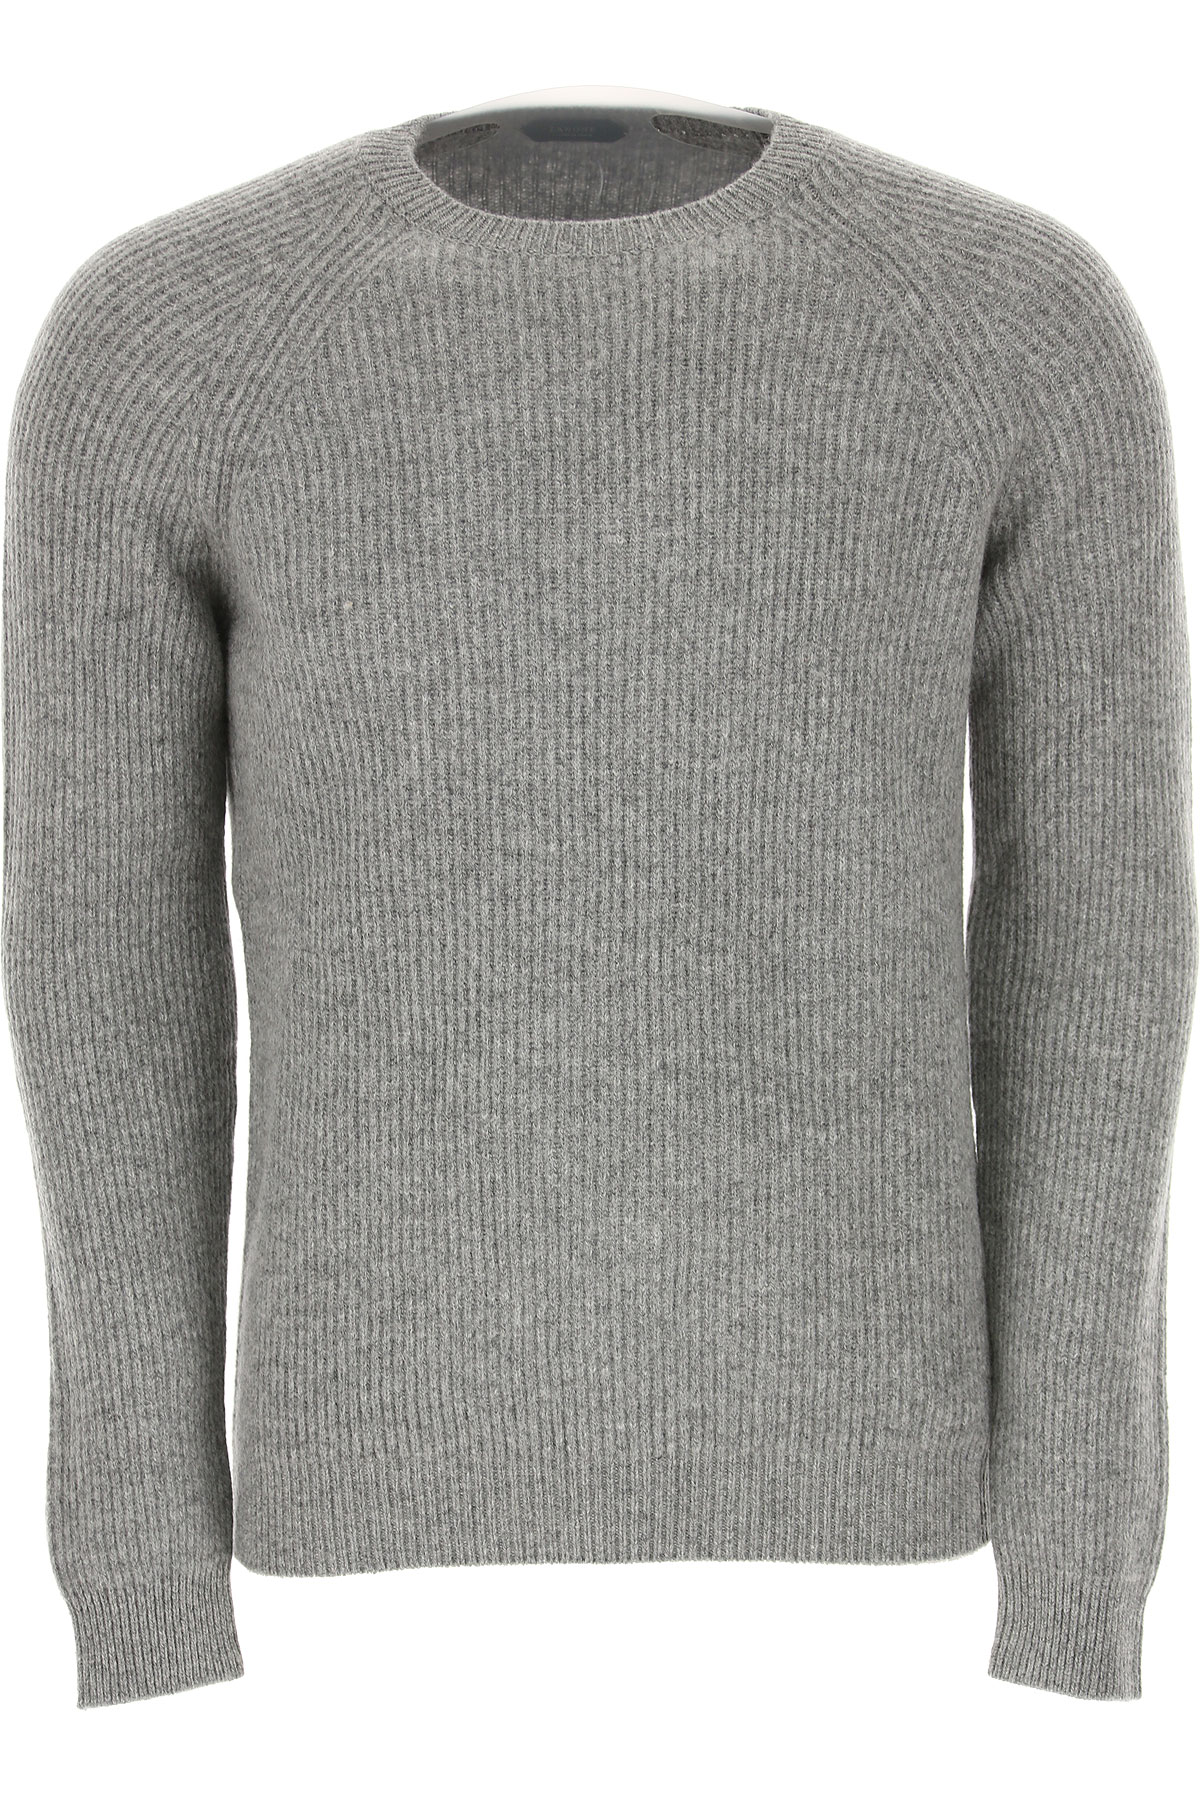 Image of Zanone Sweater for Men Jumper, Grey, Wool, 2017, L XL XXL XXXL